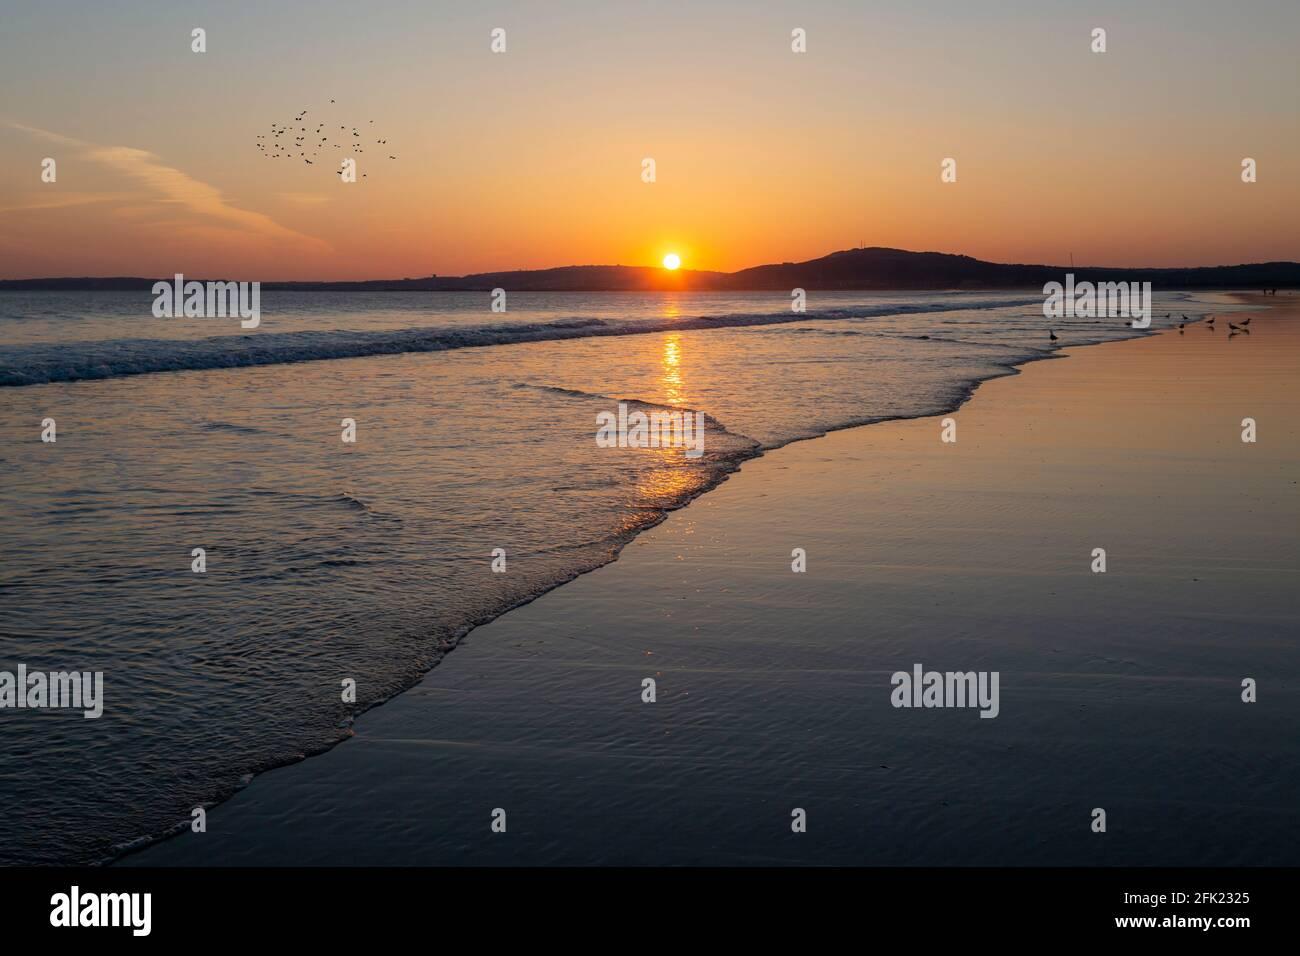 Sonnenuntergang über dem riesigen Sandstrand von Aberavon in Port Talbot, South Wales, Großbritannien Stockfoto